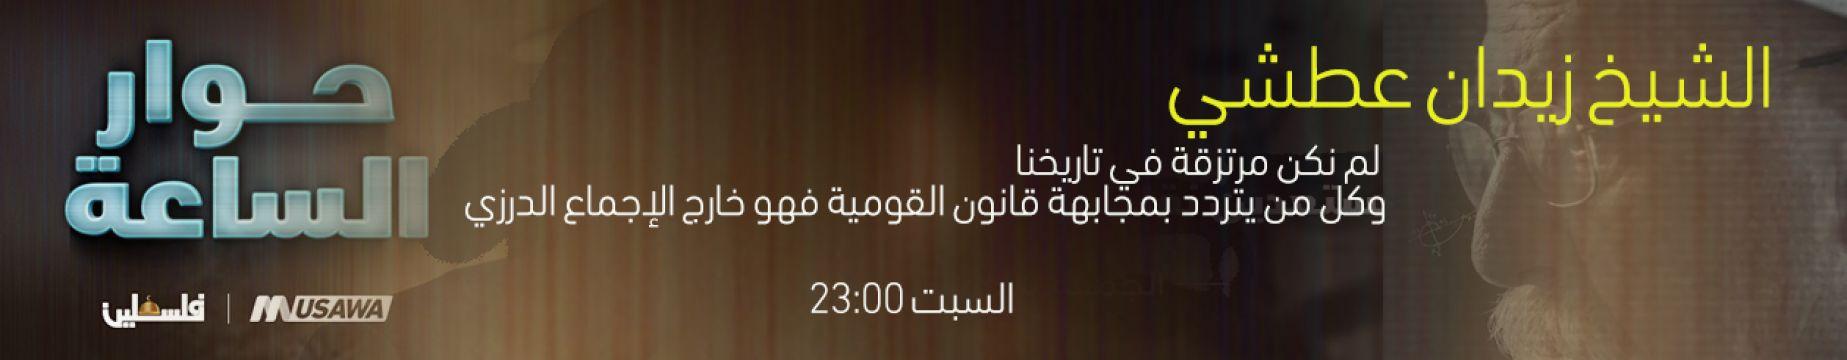 الشيخ زيدان عطشي